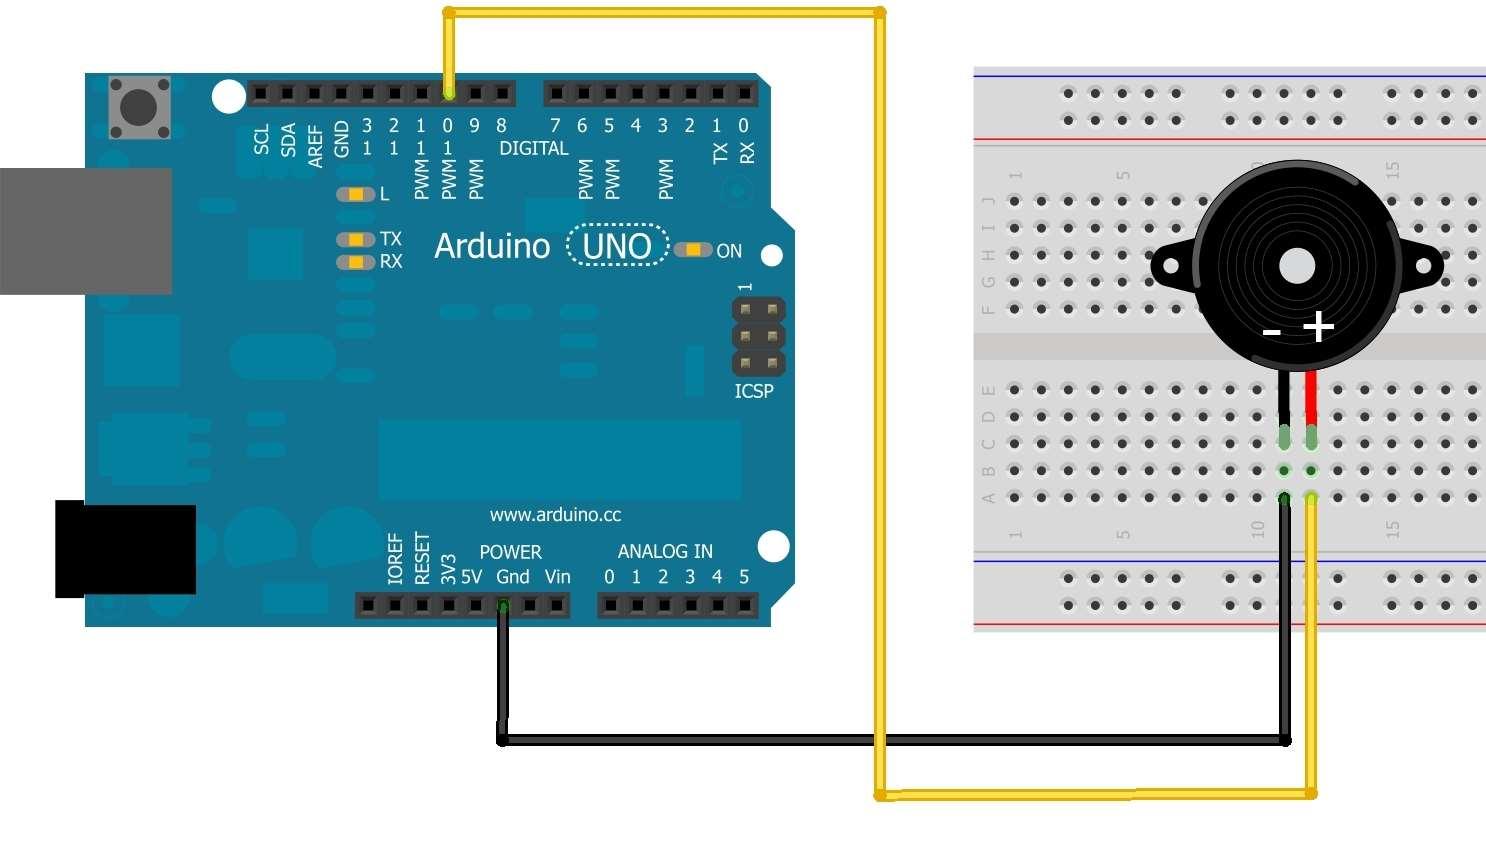 Como gerar Sons com Arduino?